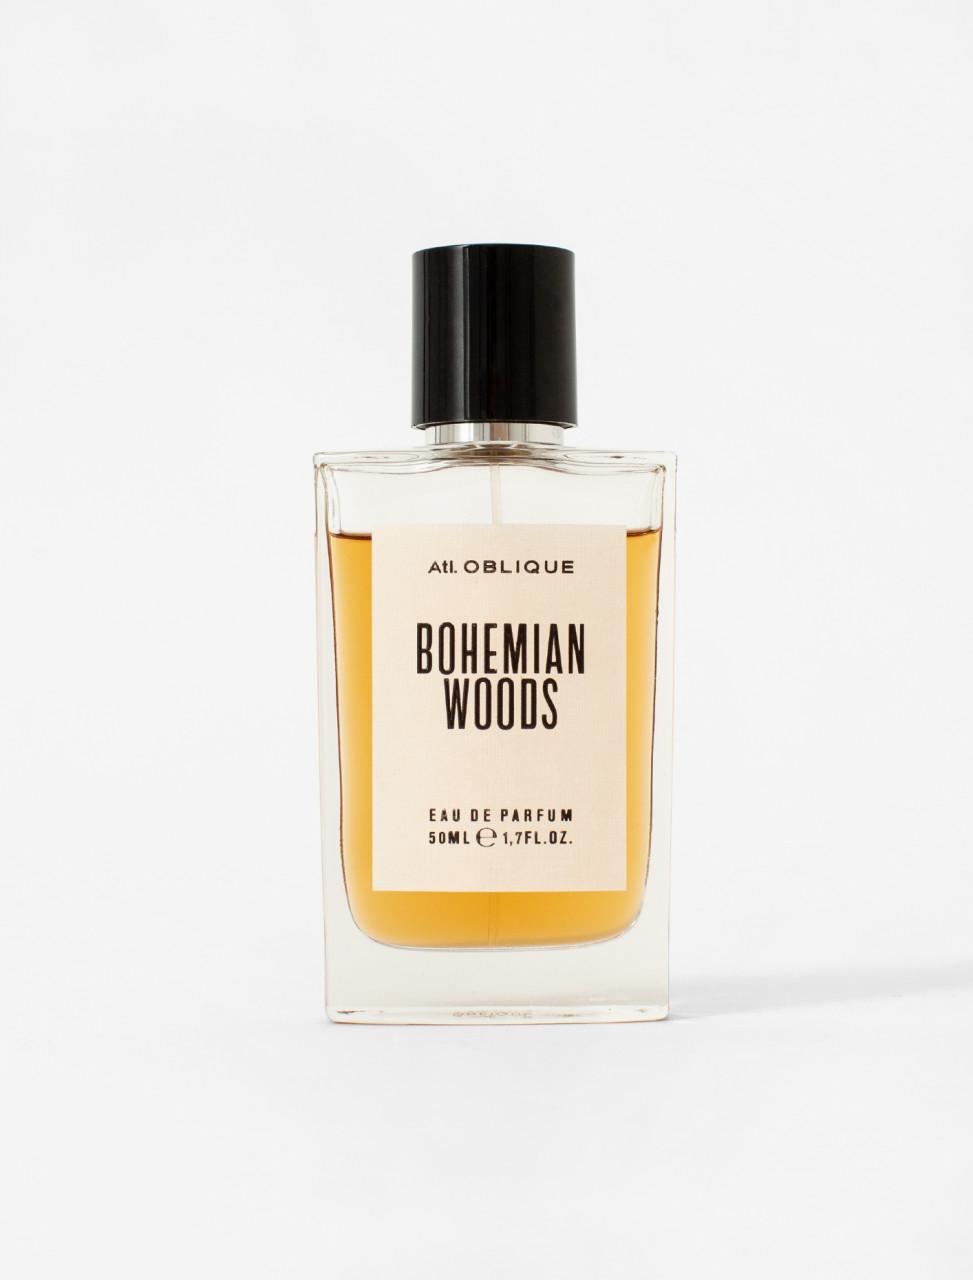 Bohemian Woods Eau de Parfum